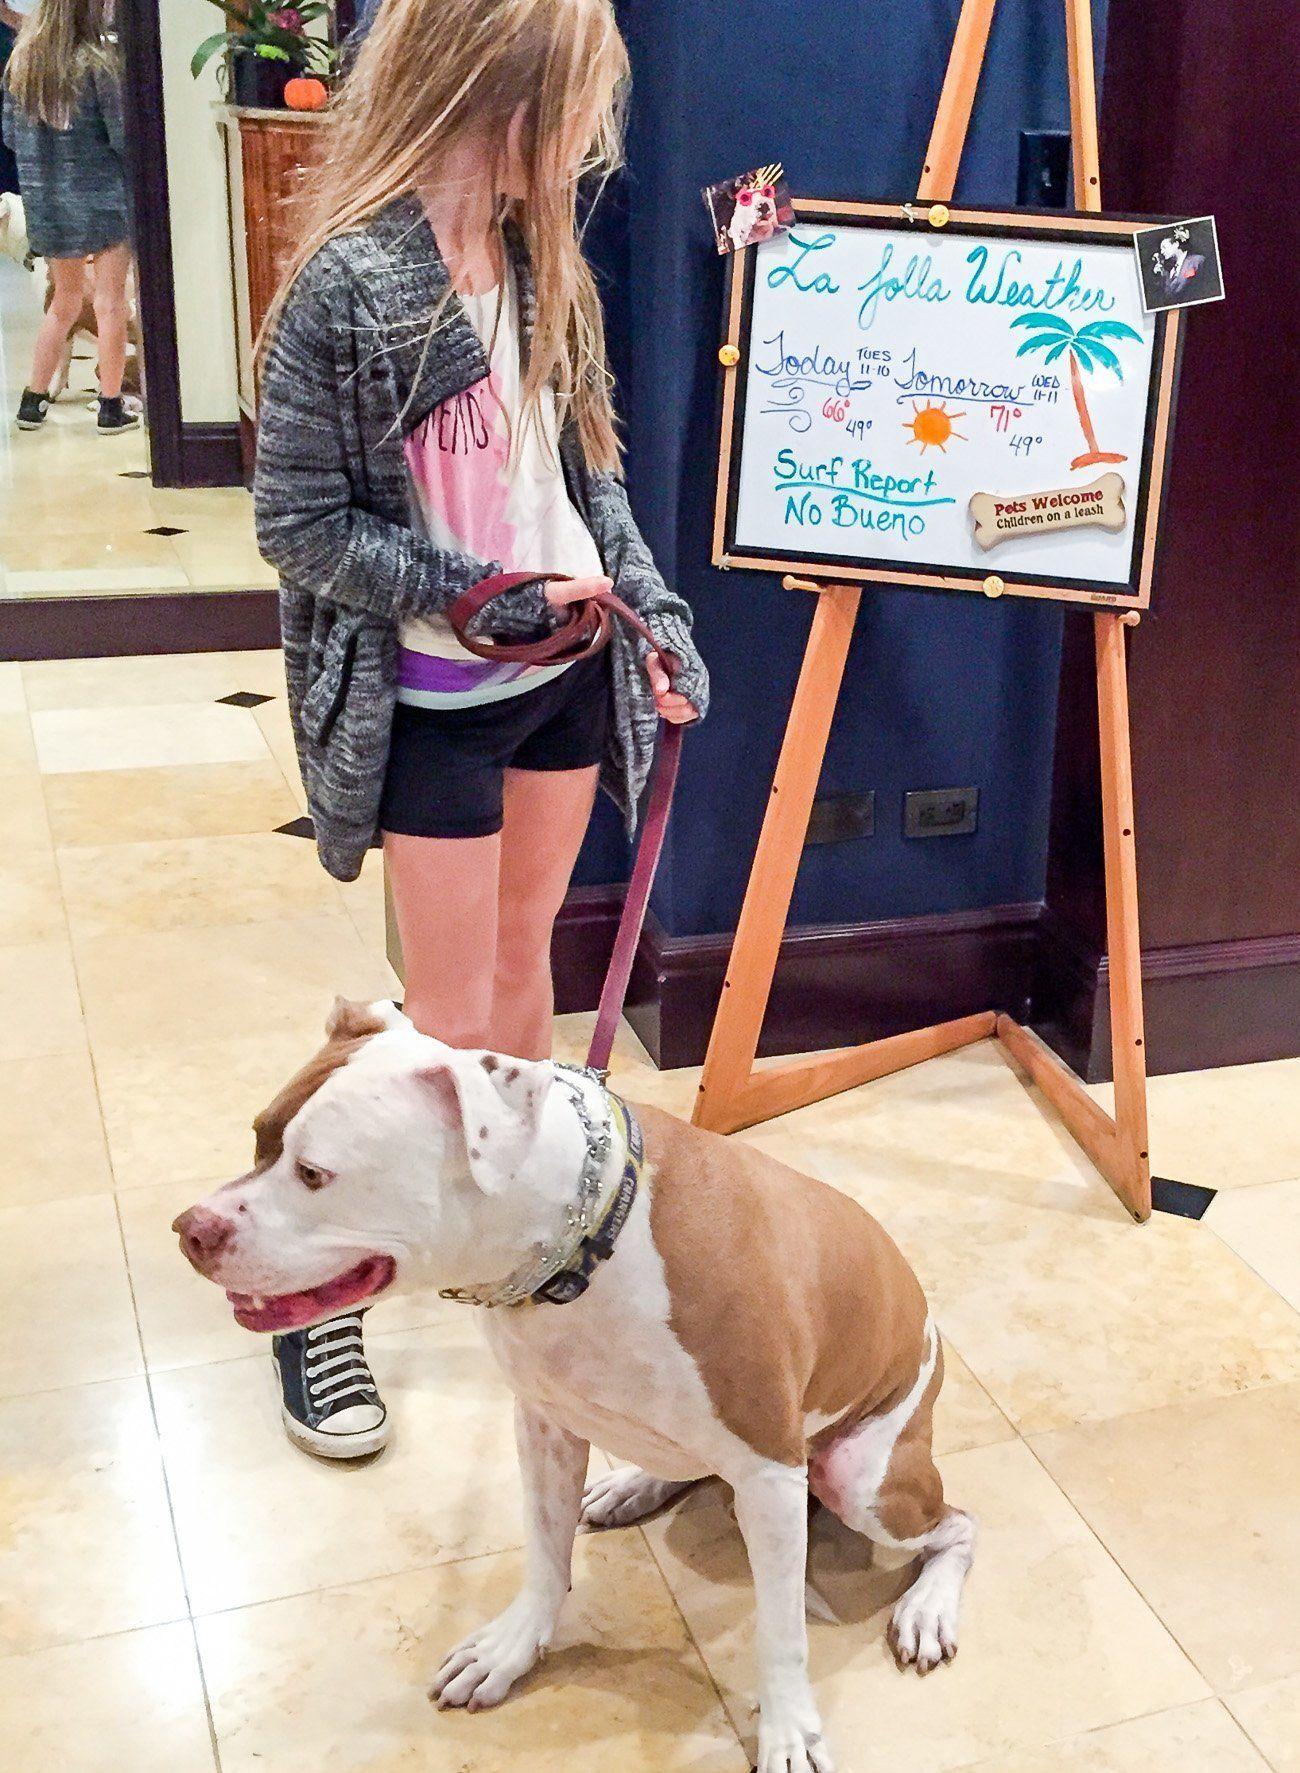 Empress Hotel La Jolla is one of San Diego's best pet-friendly hotels.